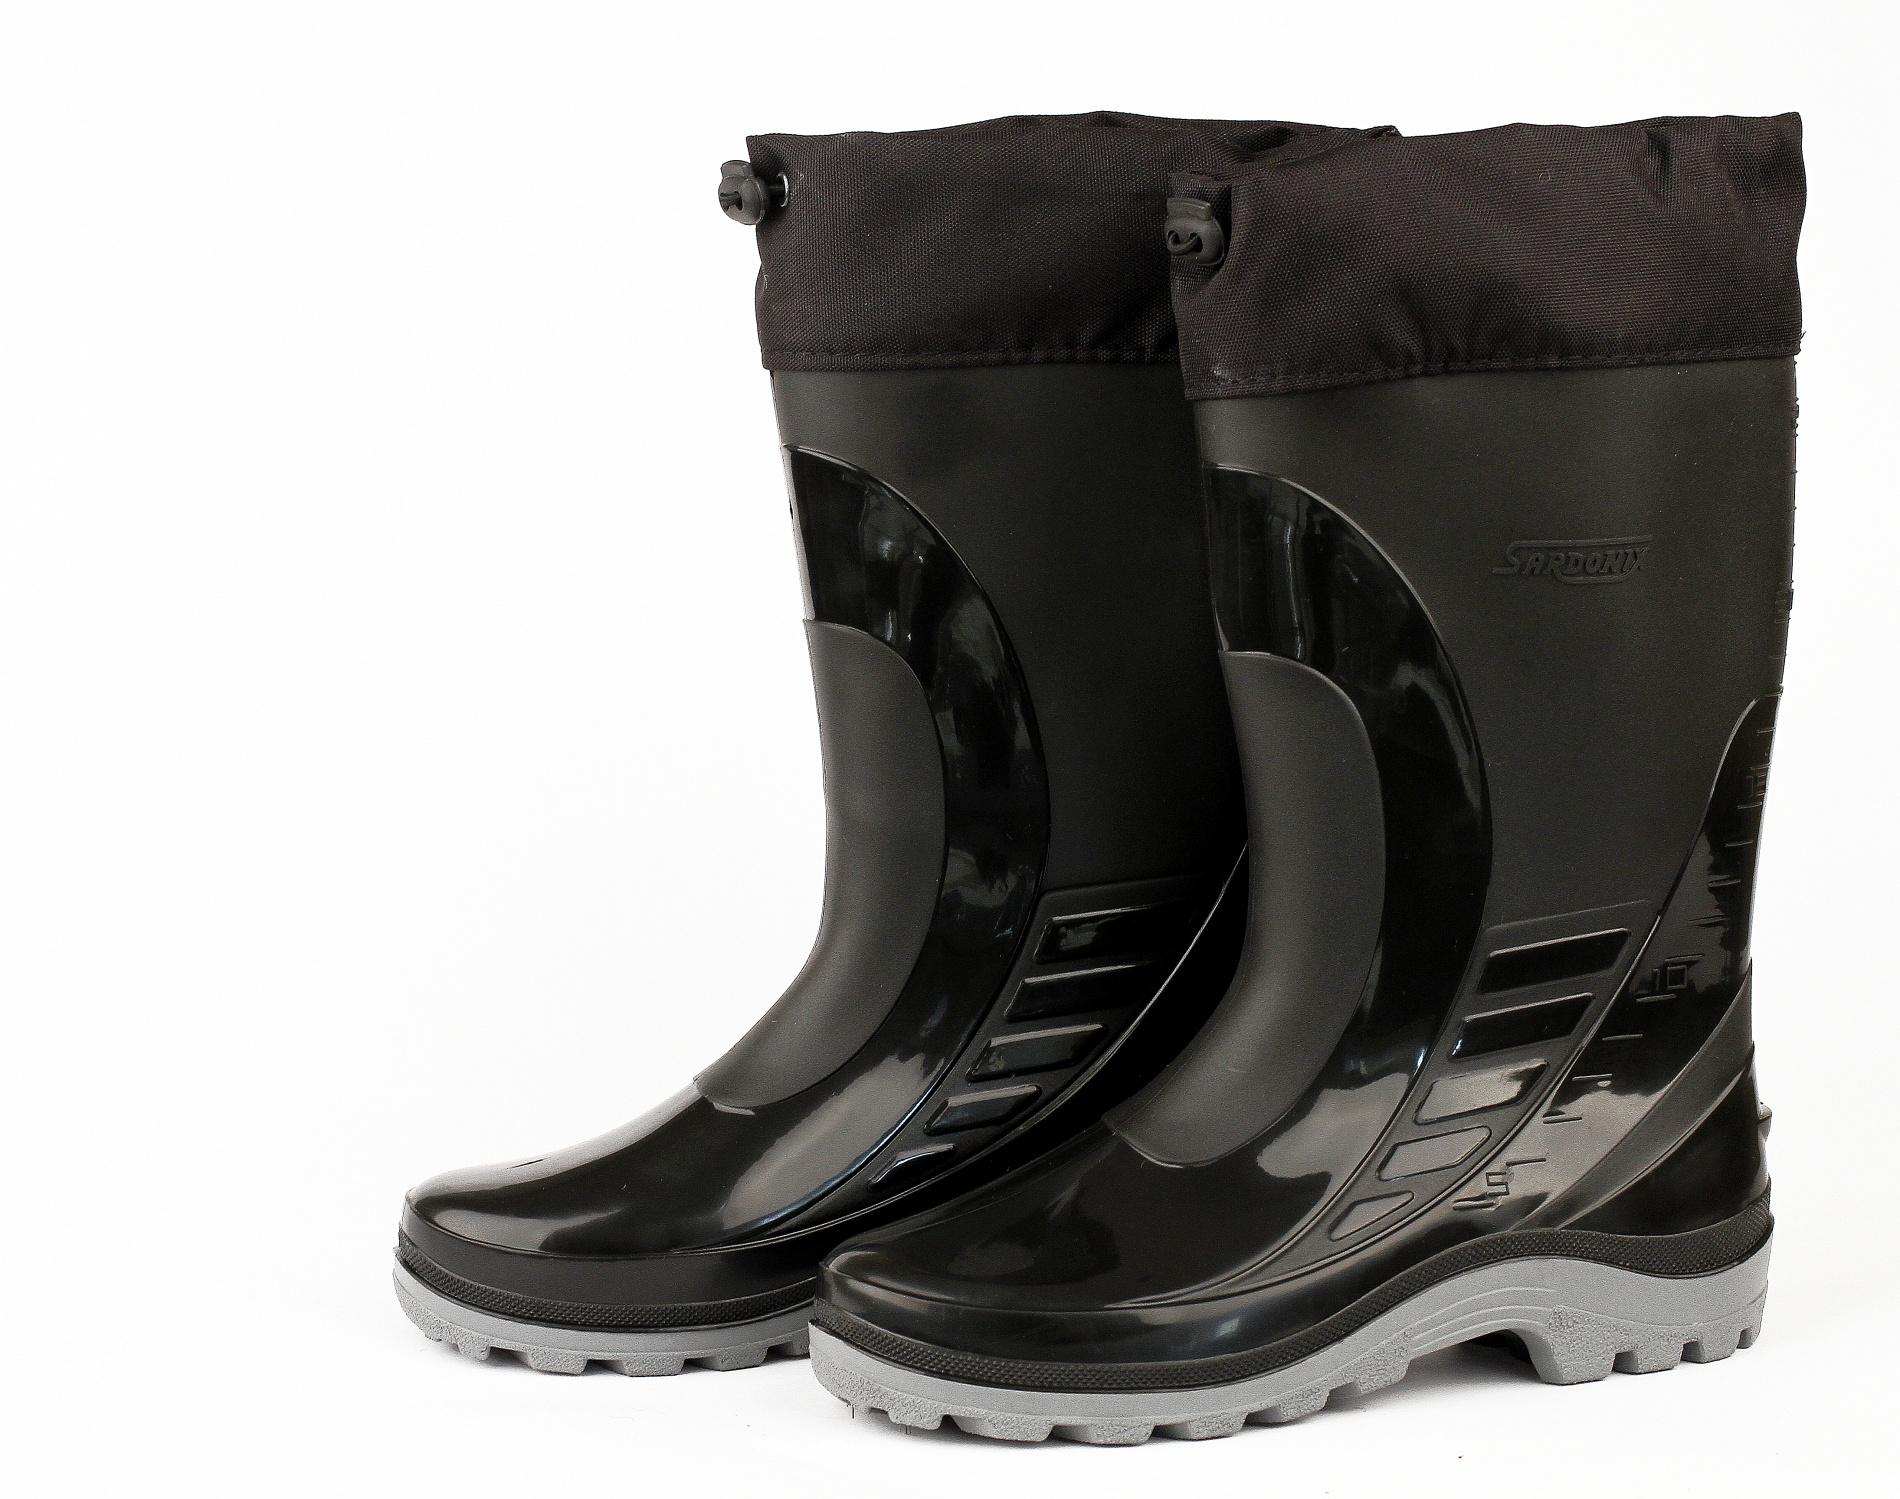 Сапоги ПВХ (SARDONIX) мужские черные с надставкой Сапоги для активного отдыха<br>Современная модель сапога, выполненная <br>методом двухкомпонентного литья, предназначена <br>для защиты ног от влаги и общих загрязнений. <br>Для голенища сапога используется эластичный <br>морозостойкий ПВХ (температура хрупкости <br>материала -30С) и специальный морозостойкий <br>подошвенный ПВХ, позволяющий увеличить <br>изсностойскость и придать комфортность <br>при ходьбе. Высота сапога 30см. Производство <br>SARDONIX.<br><br>Пол: мужской<br>Размер: 45(292)<br>Сезон: лето<br>Цвет: черный<br>Материал: Поливинилхлорид (ПВХ)морозостойкий(-30С)